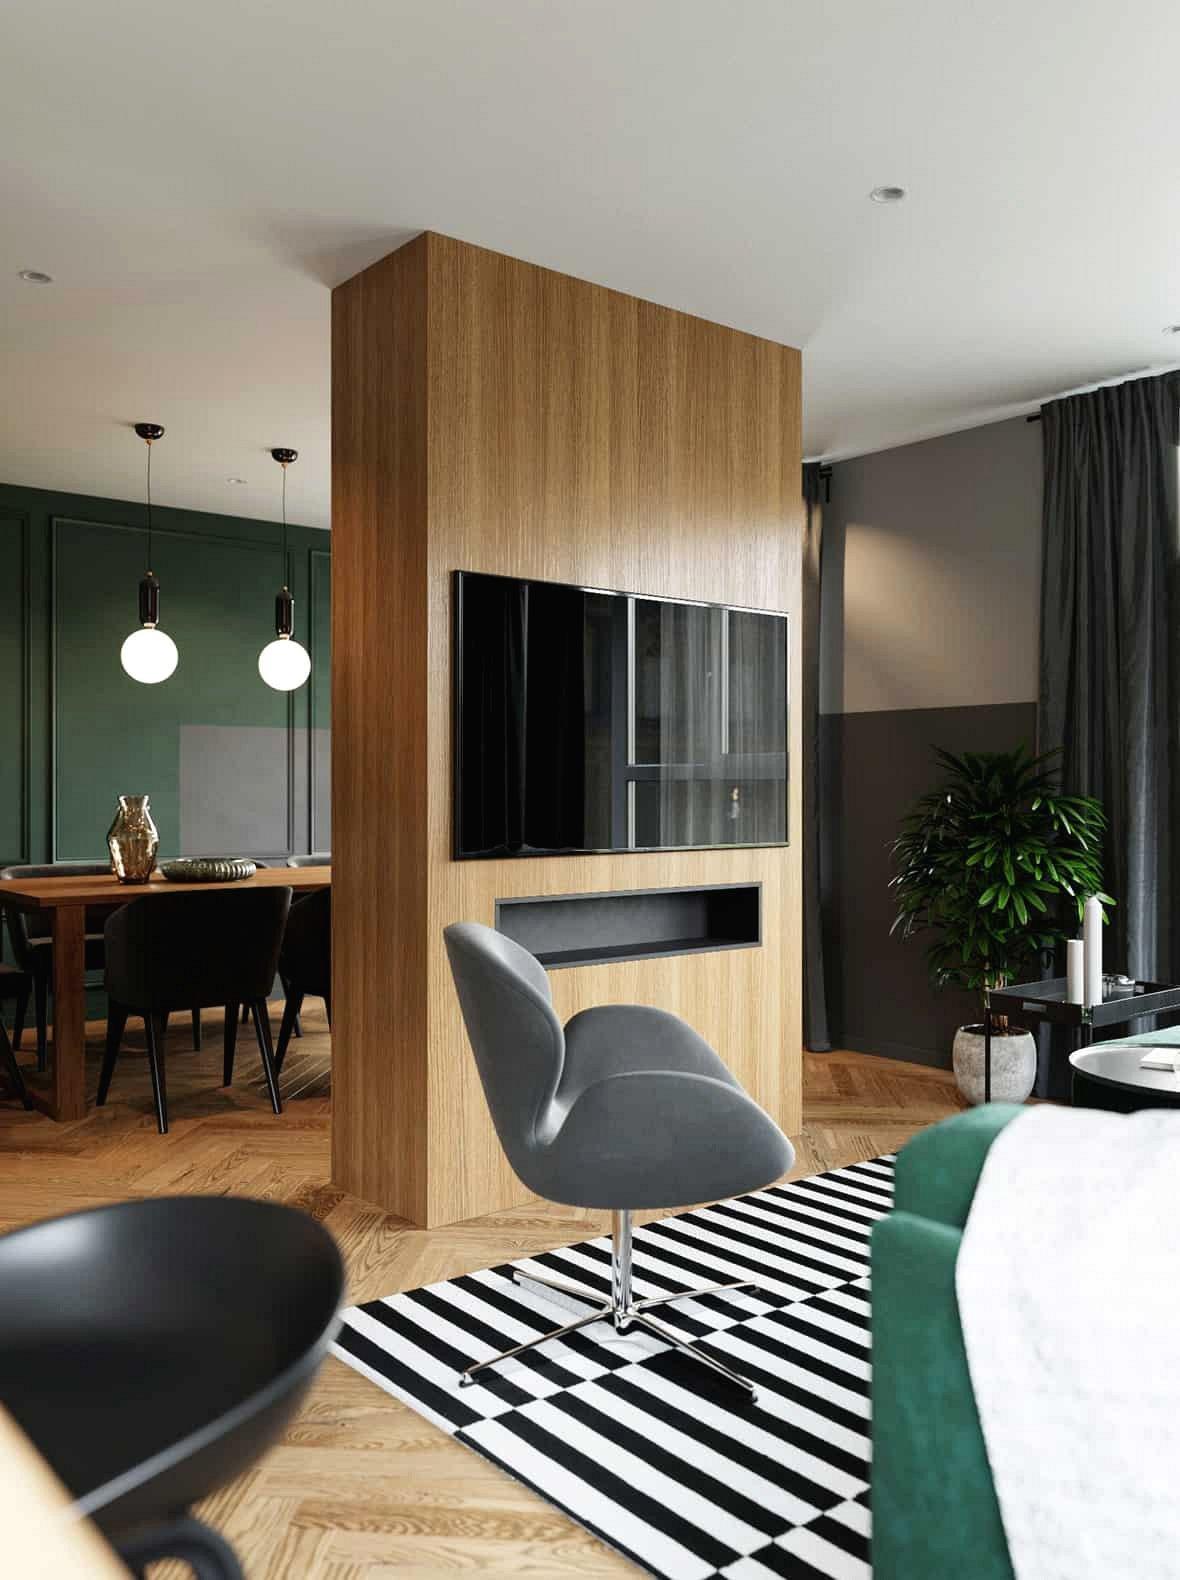 Với chỗ ngồi hạn chế trong phòng khách, phòng khách được bố trí thêm ghế có thiết kế cổ điển tạo điểm nhấn.